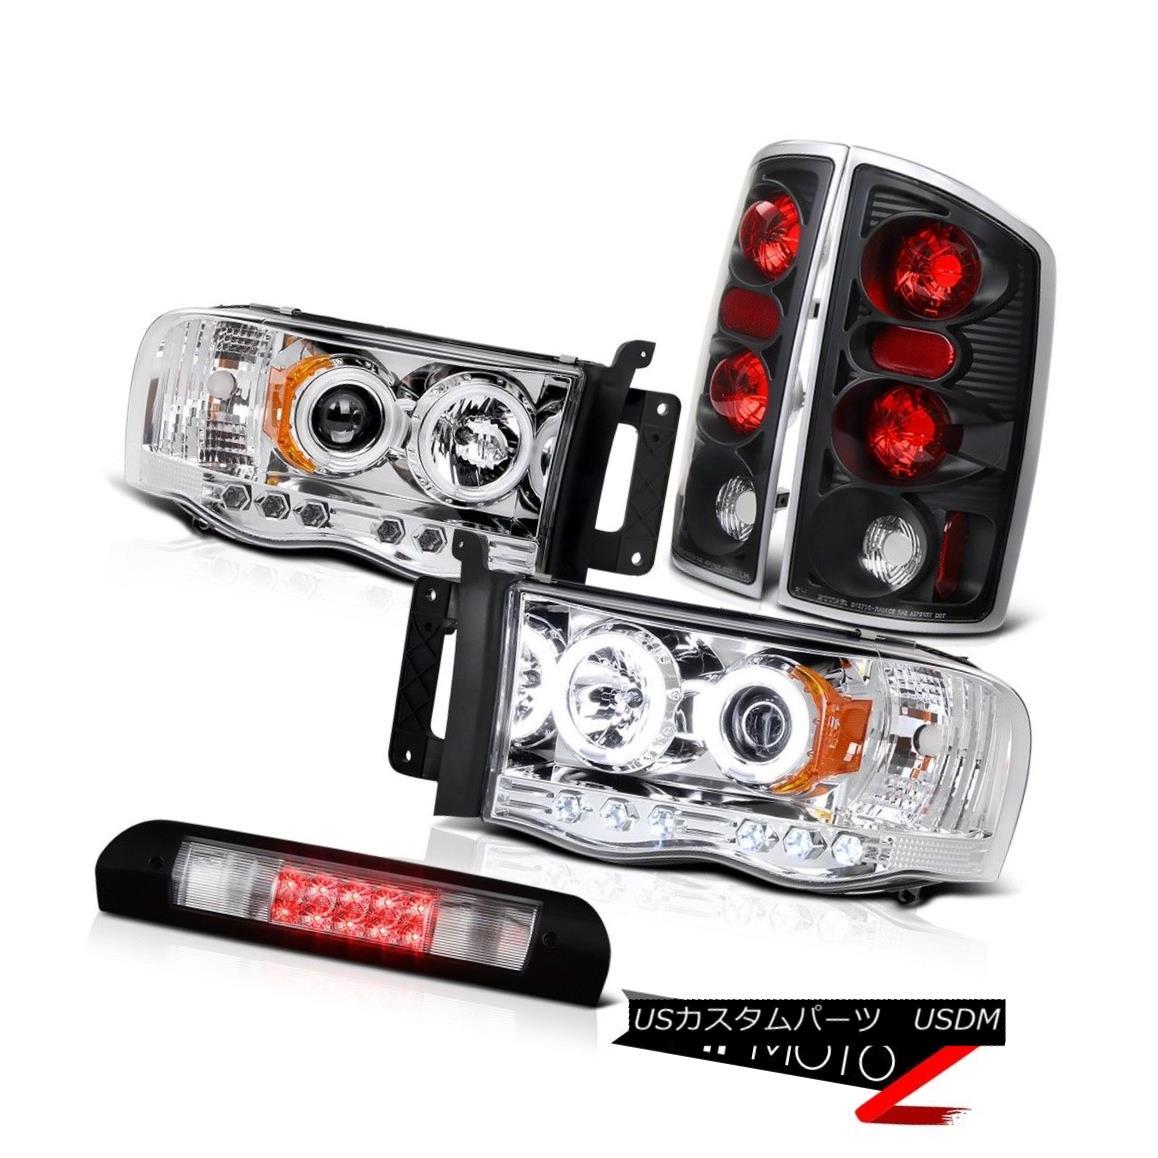 ヘッドライト CCFL Angel Eye Headlights Black Reverse Tail Lights 3rd LED 2002-2005 Ram Hemi CCFLエンジェルアイヘッドライトブラックリバーステールライト3rd LED 2002-2005 Ram Hemi